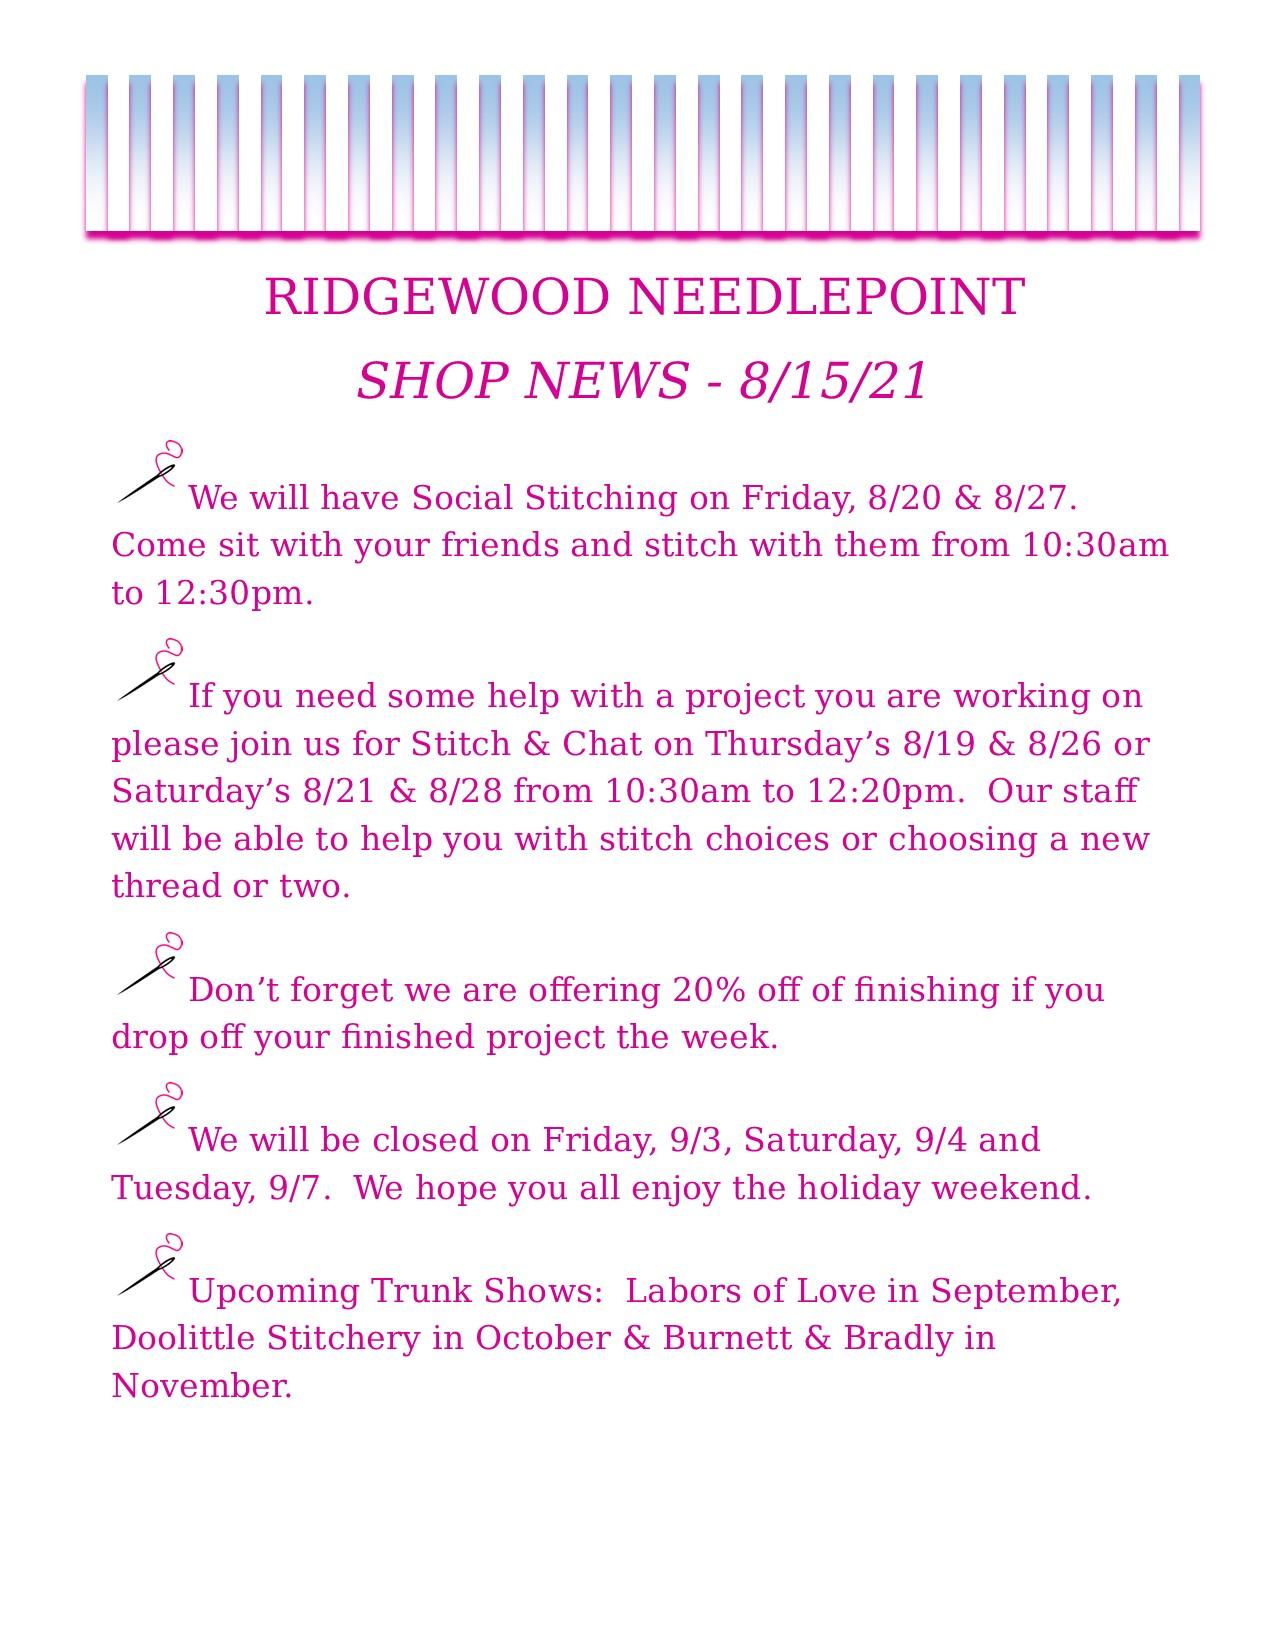 Shop News 8-15-21